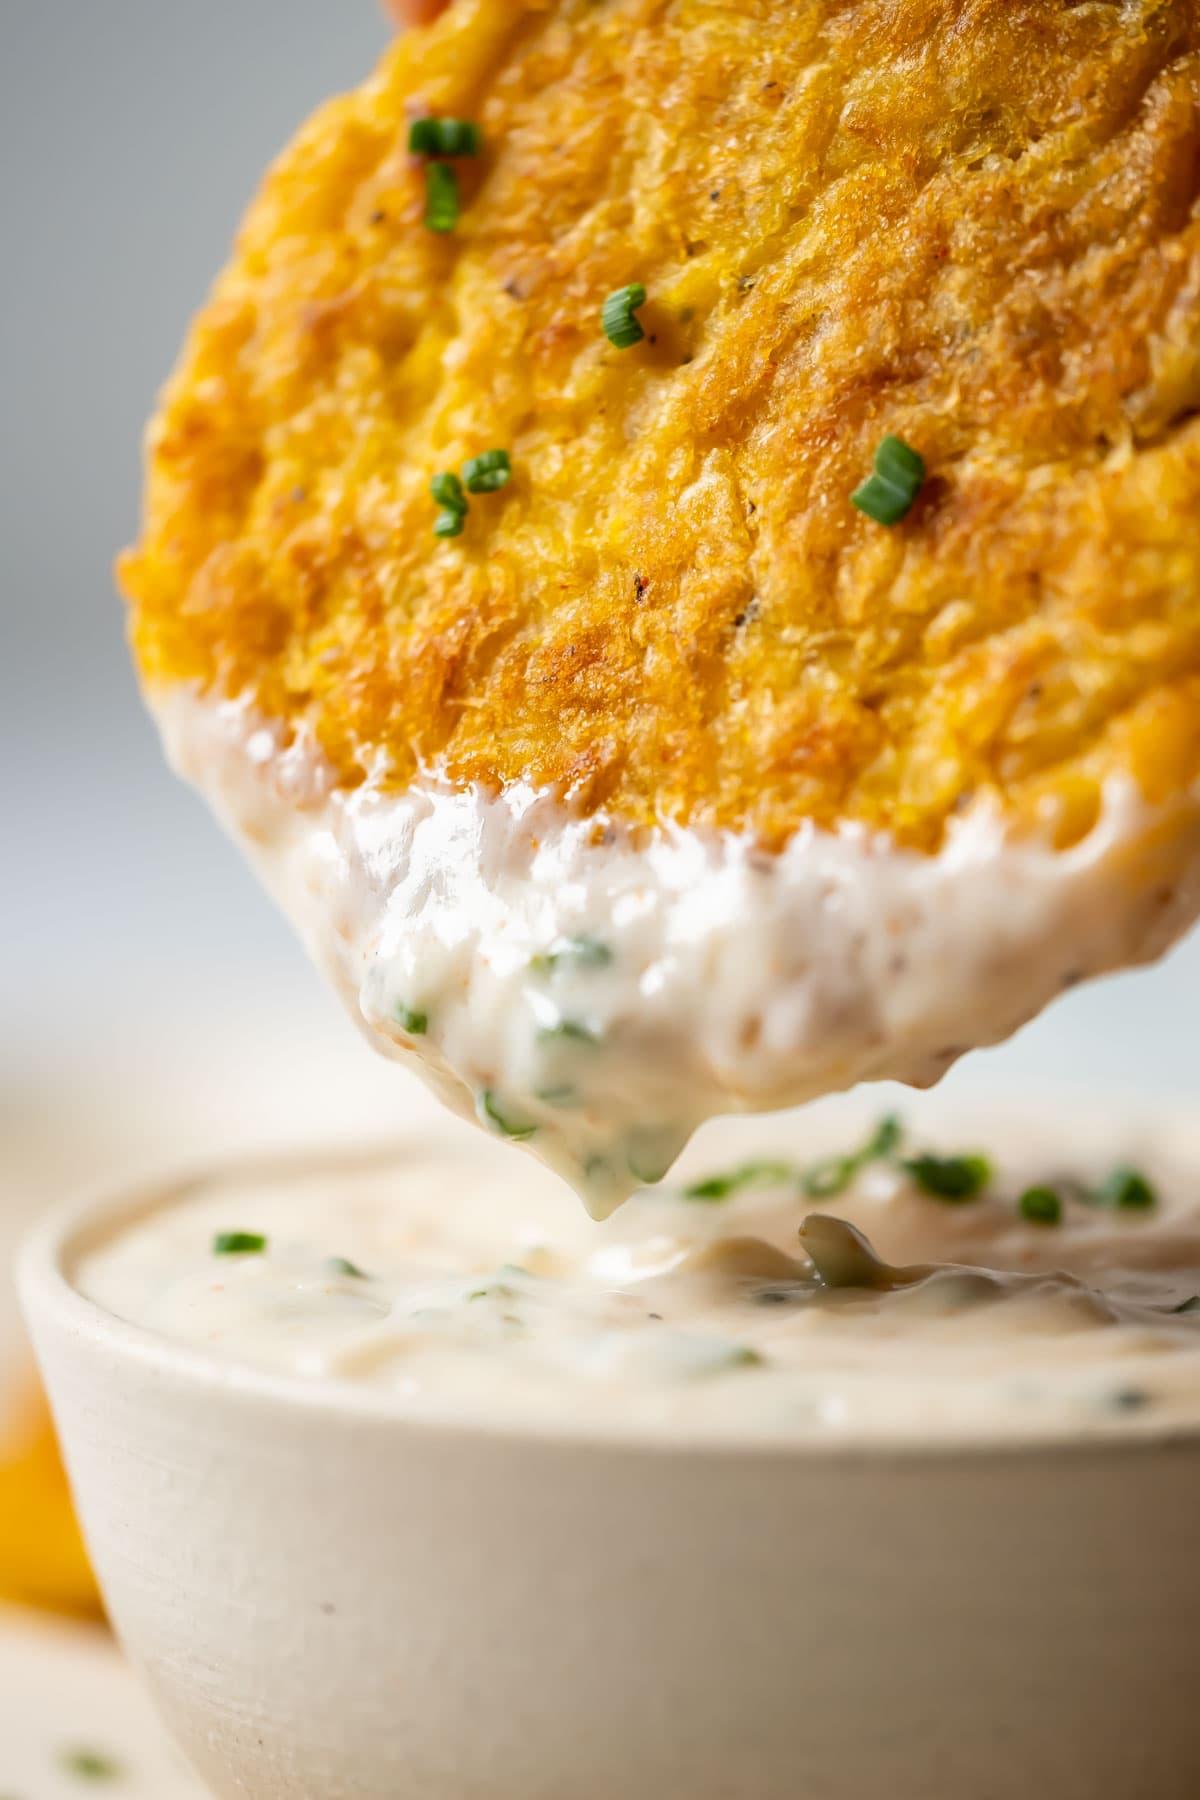 Potato fritter dipping into garlic dip.